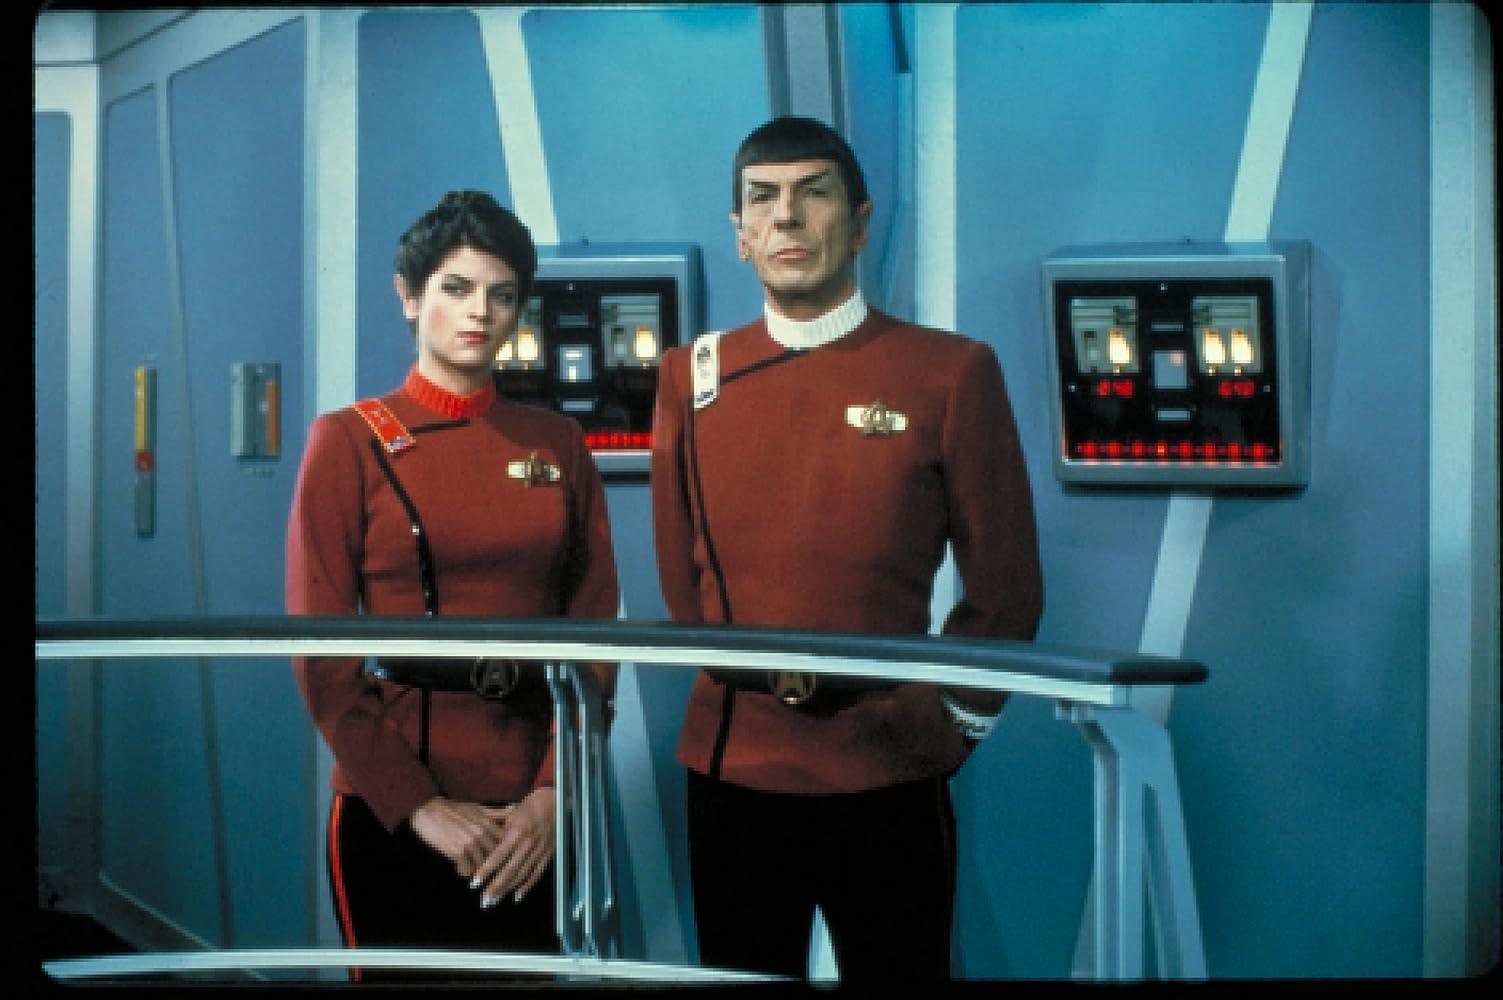 Kirstie Alley and Leonard Nimoy in Star Trek II: The Wrath of Khan (1982)